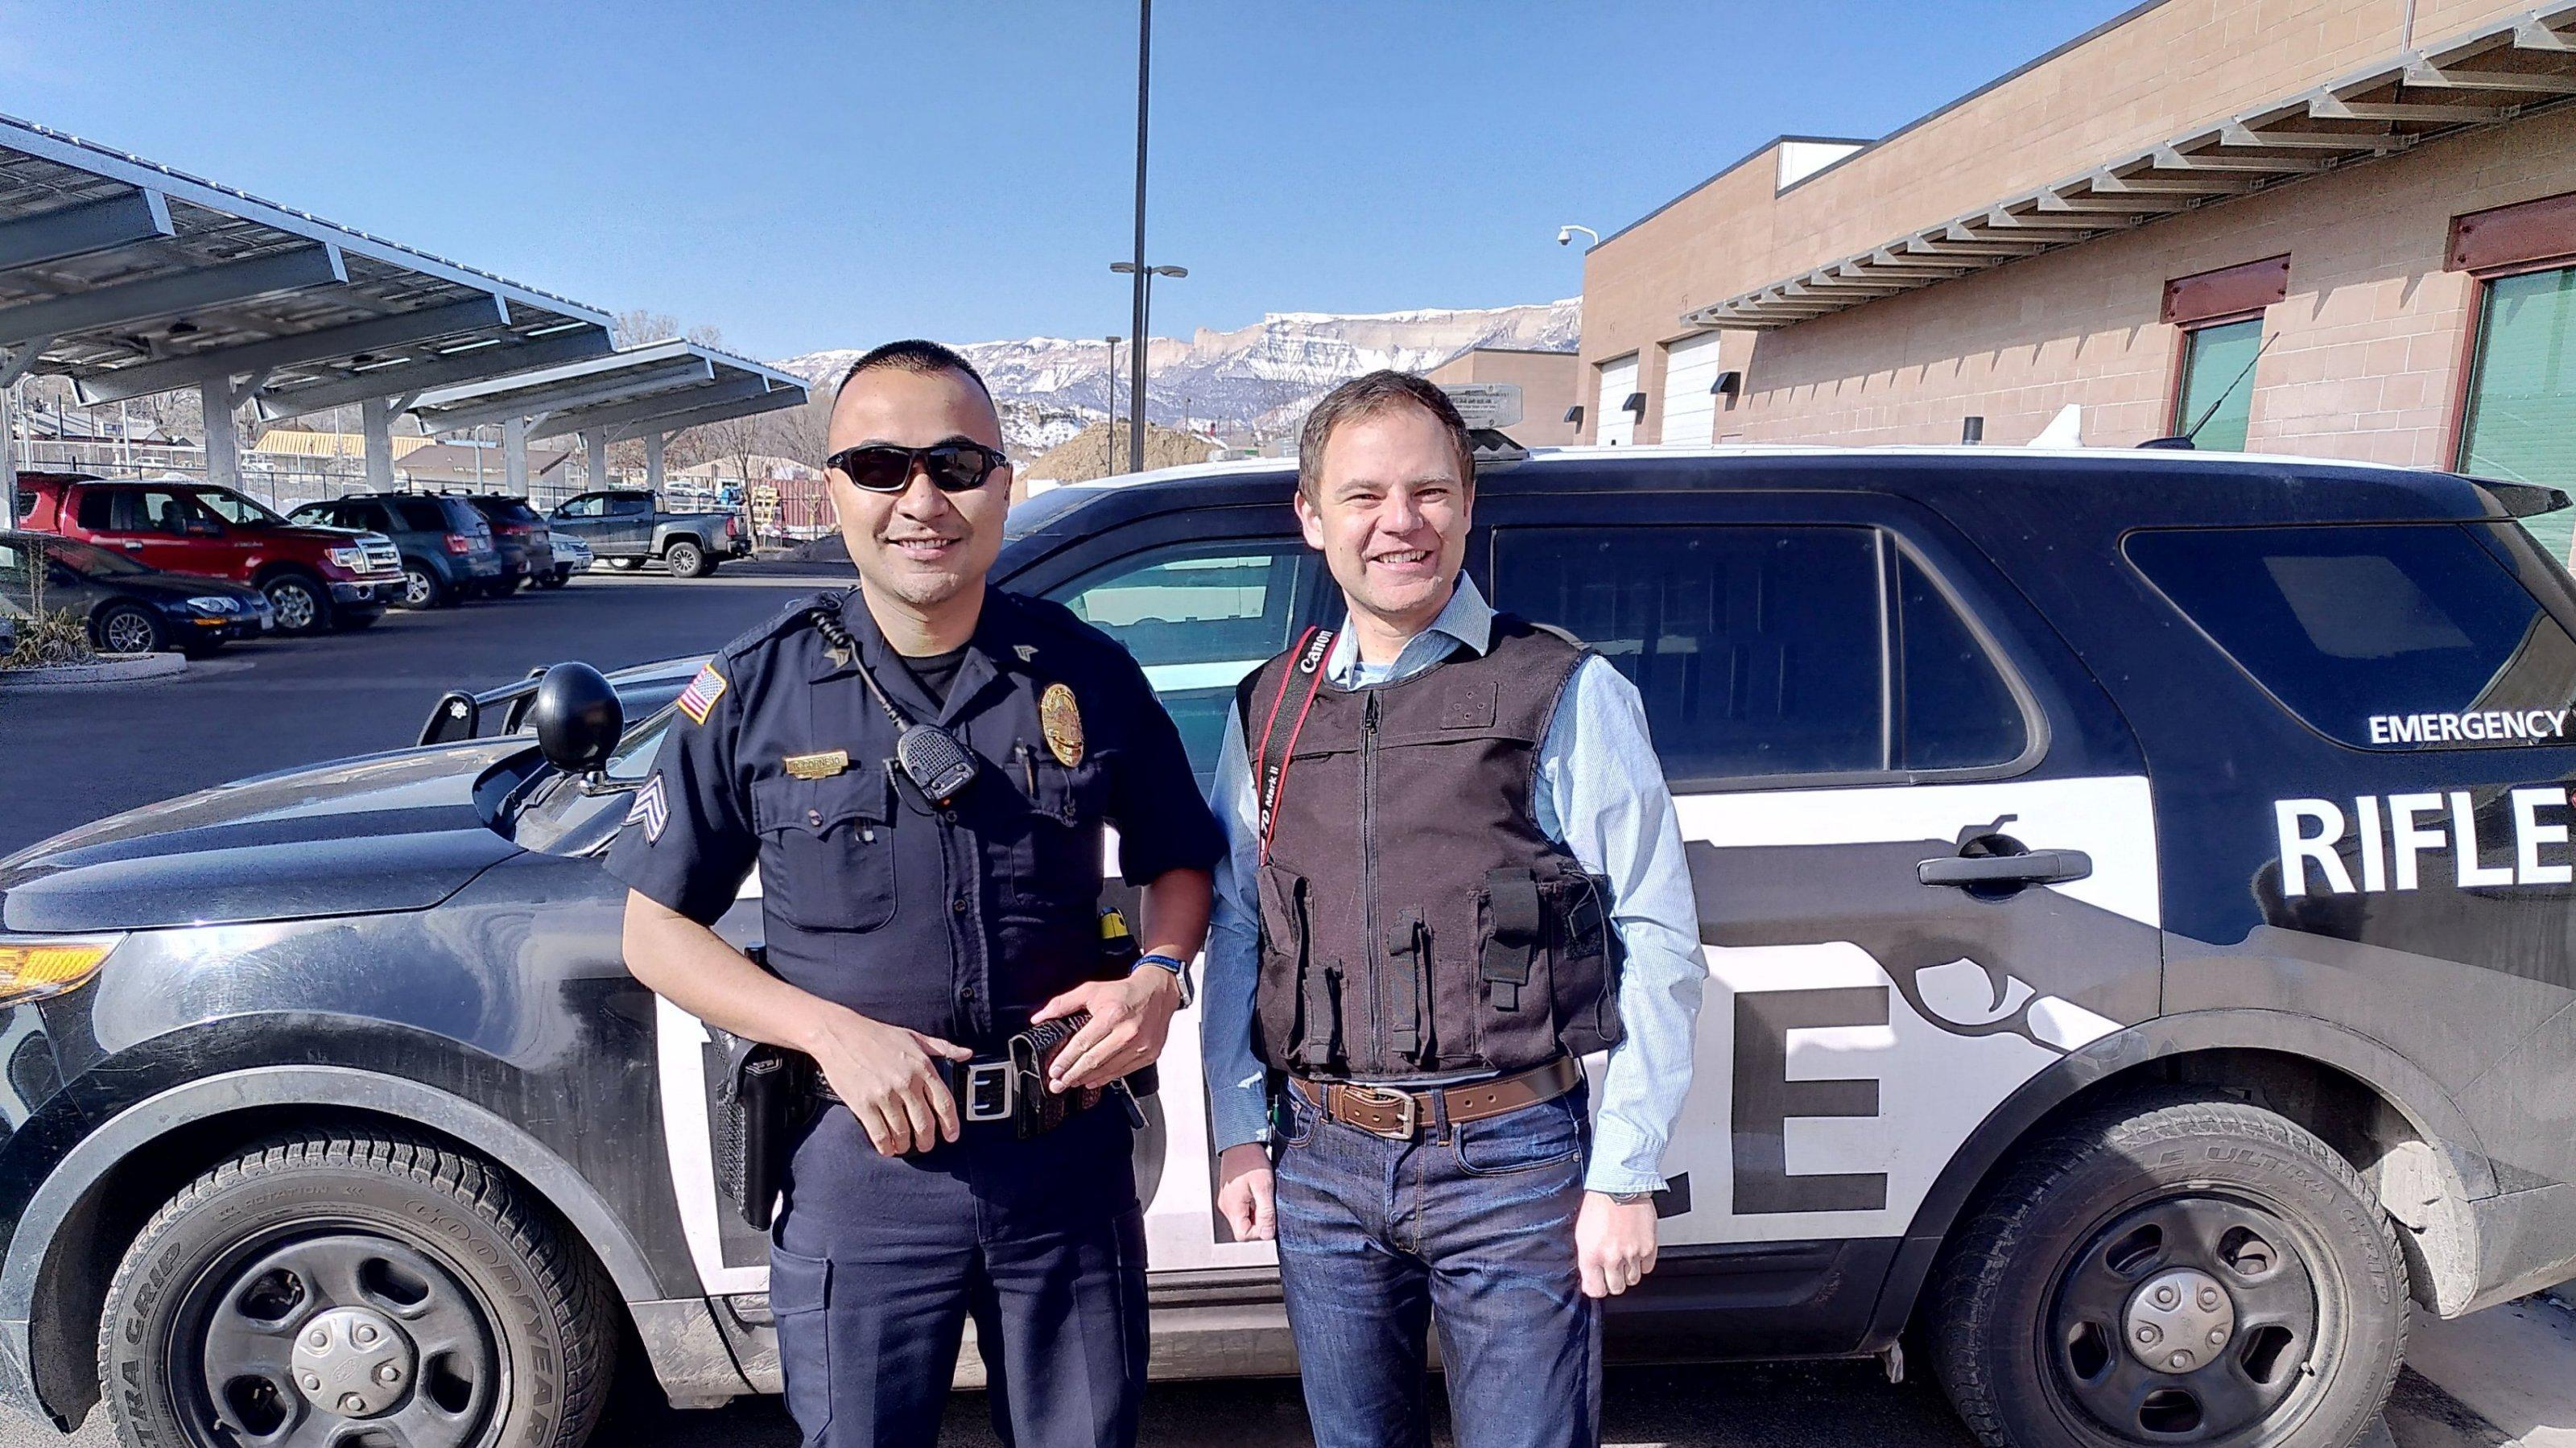 Ein uniformierter Polizist und ein Reporter mit kugelsicherer Weste stehen vor einem Einsatzwagen der Polizei.